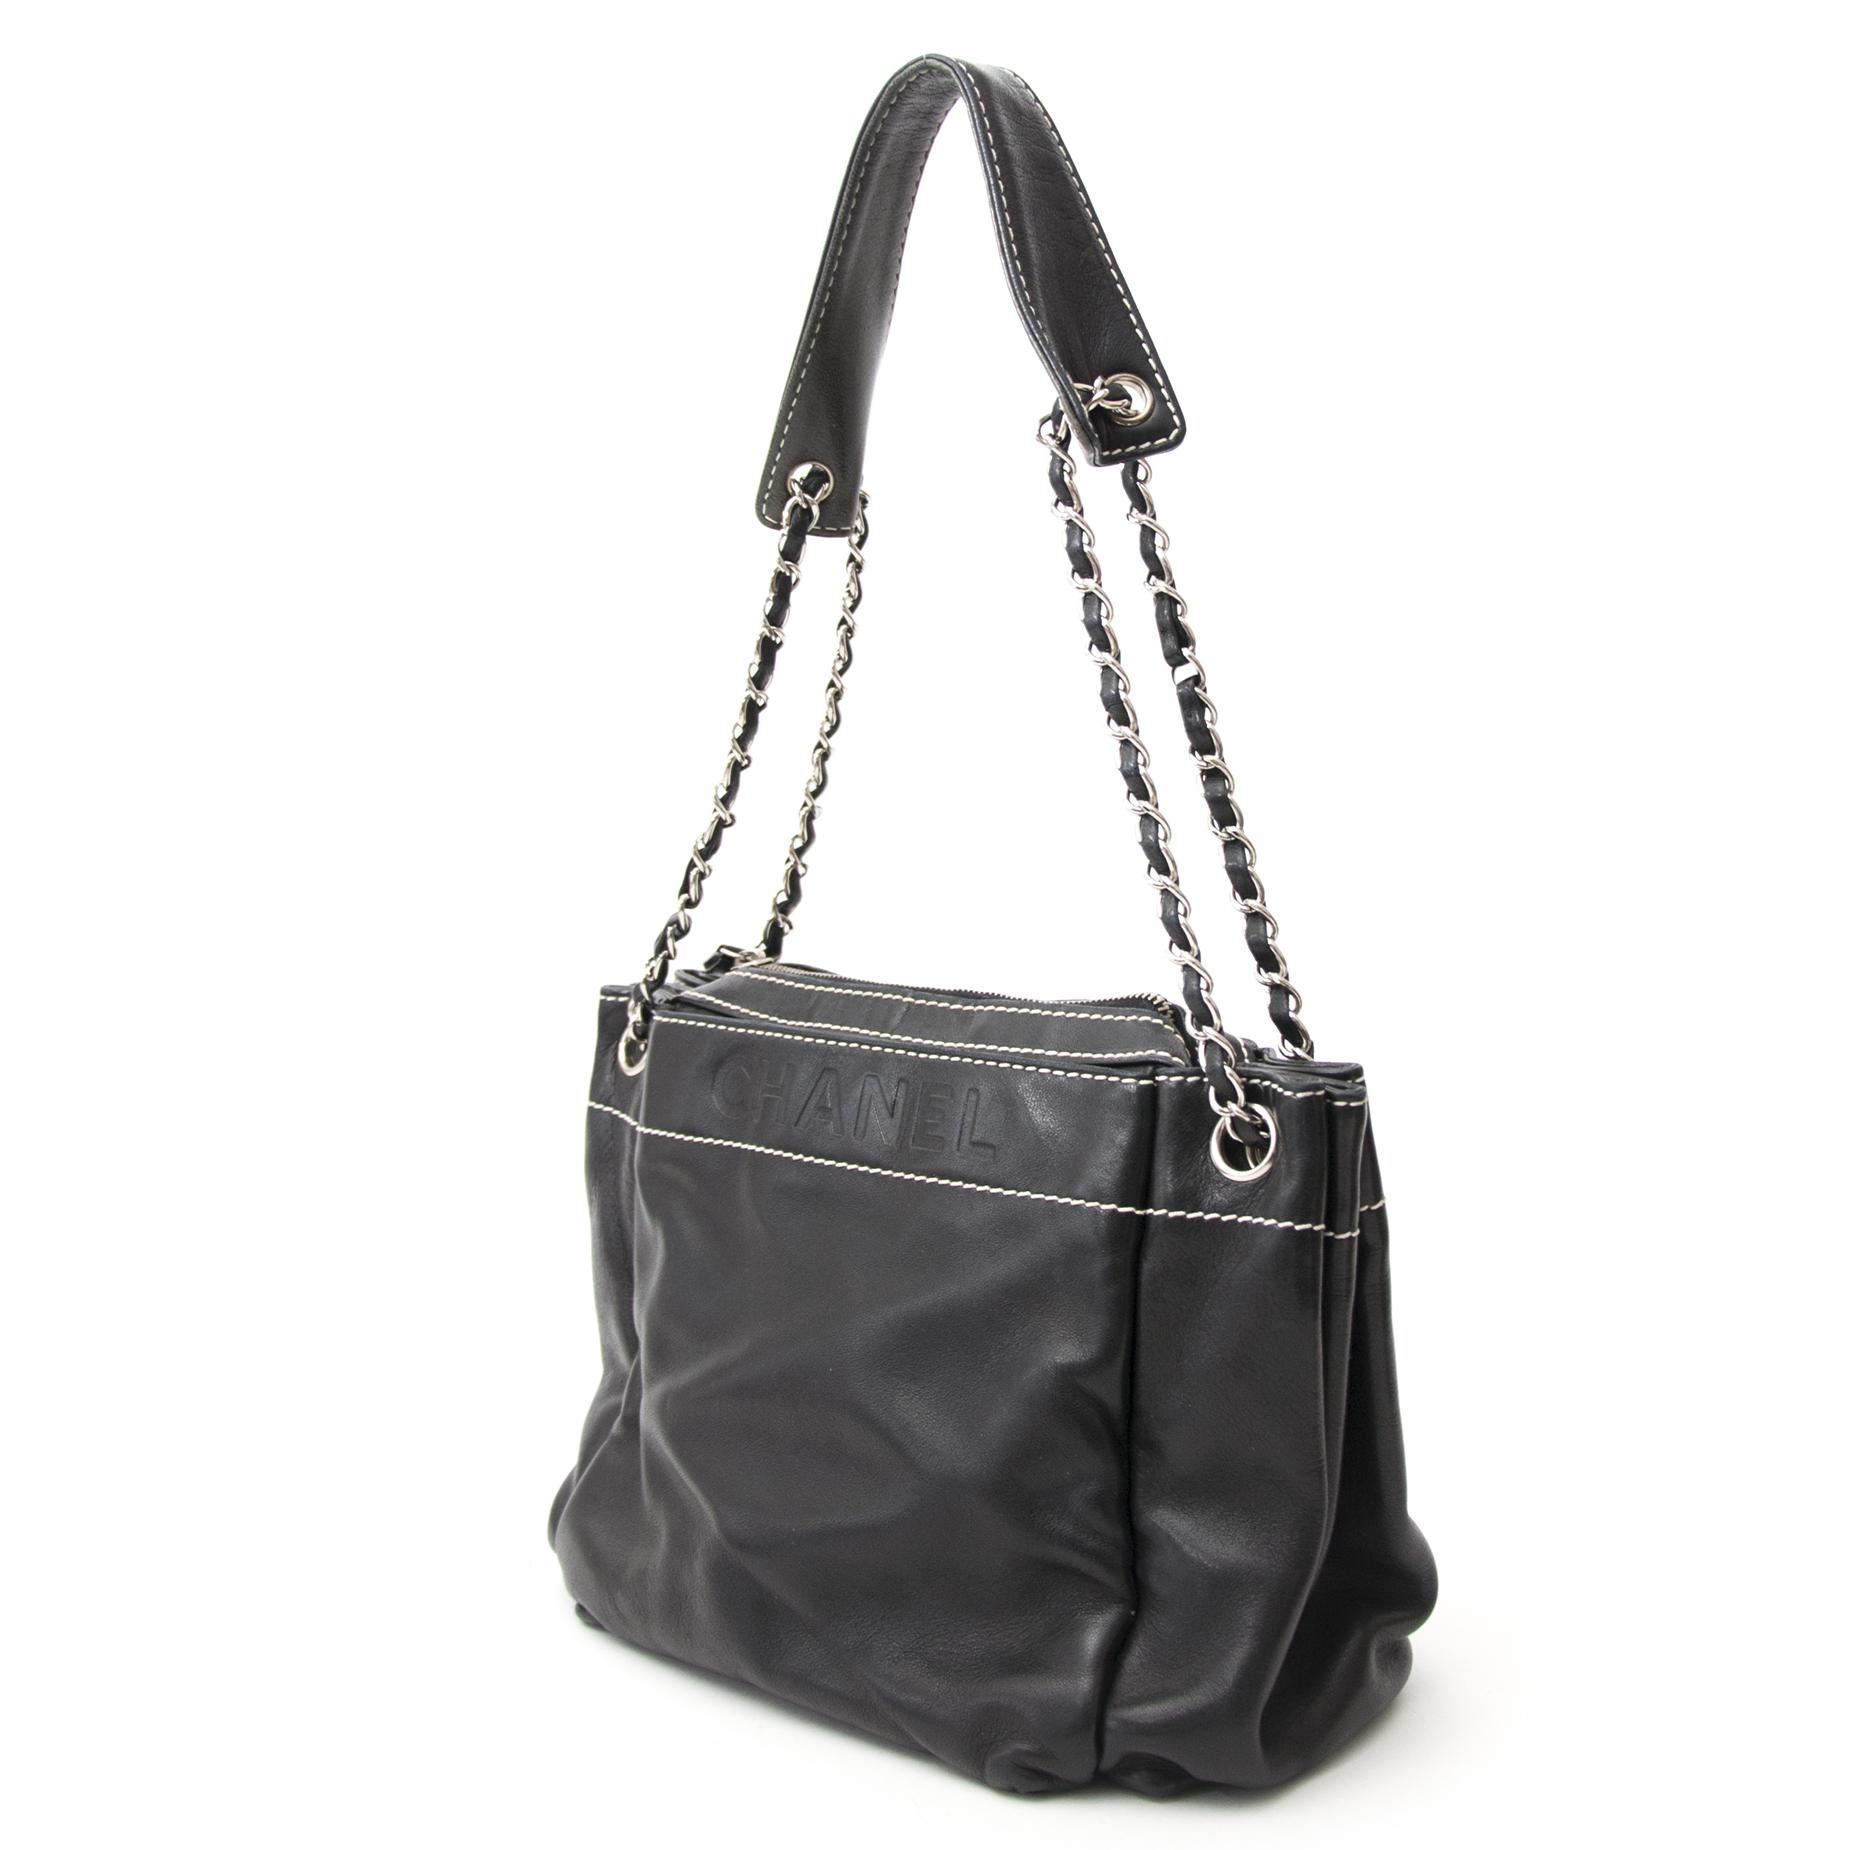 koop veilig online aan de best prijs Chanel Black LAX Accordian Bag